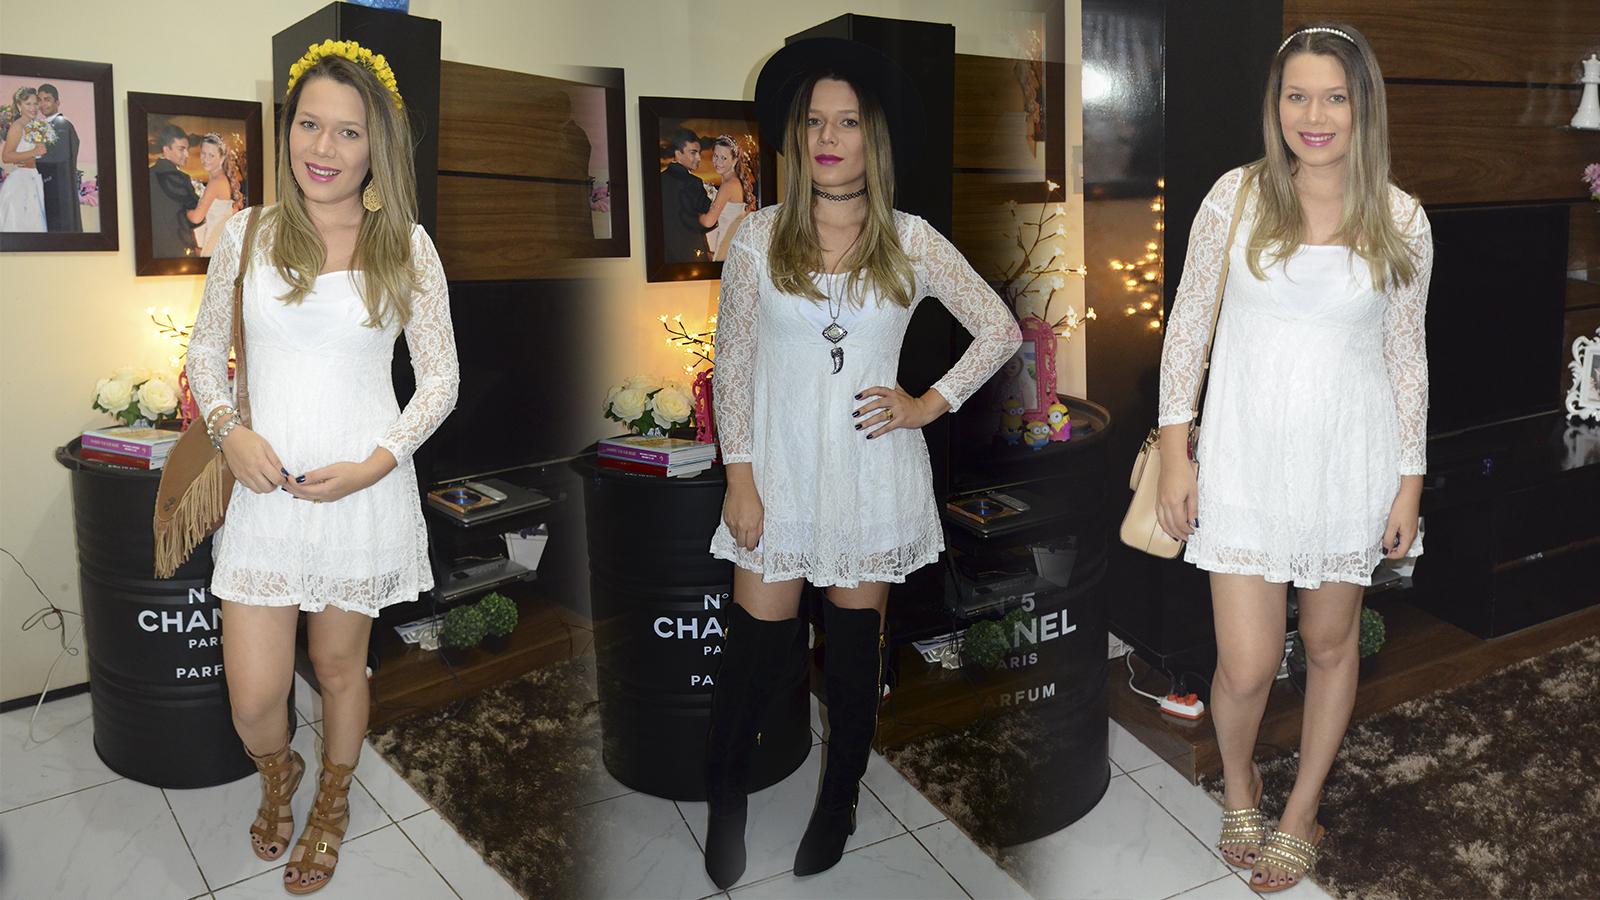 1 peça 3 looks - moda gestante vestido branco de renda2